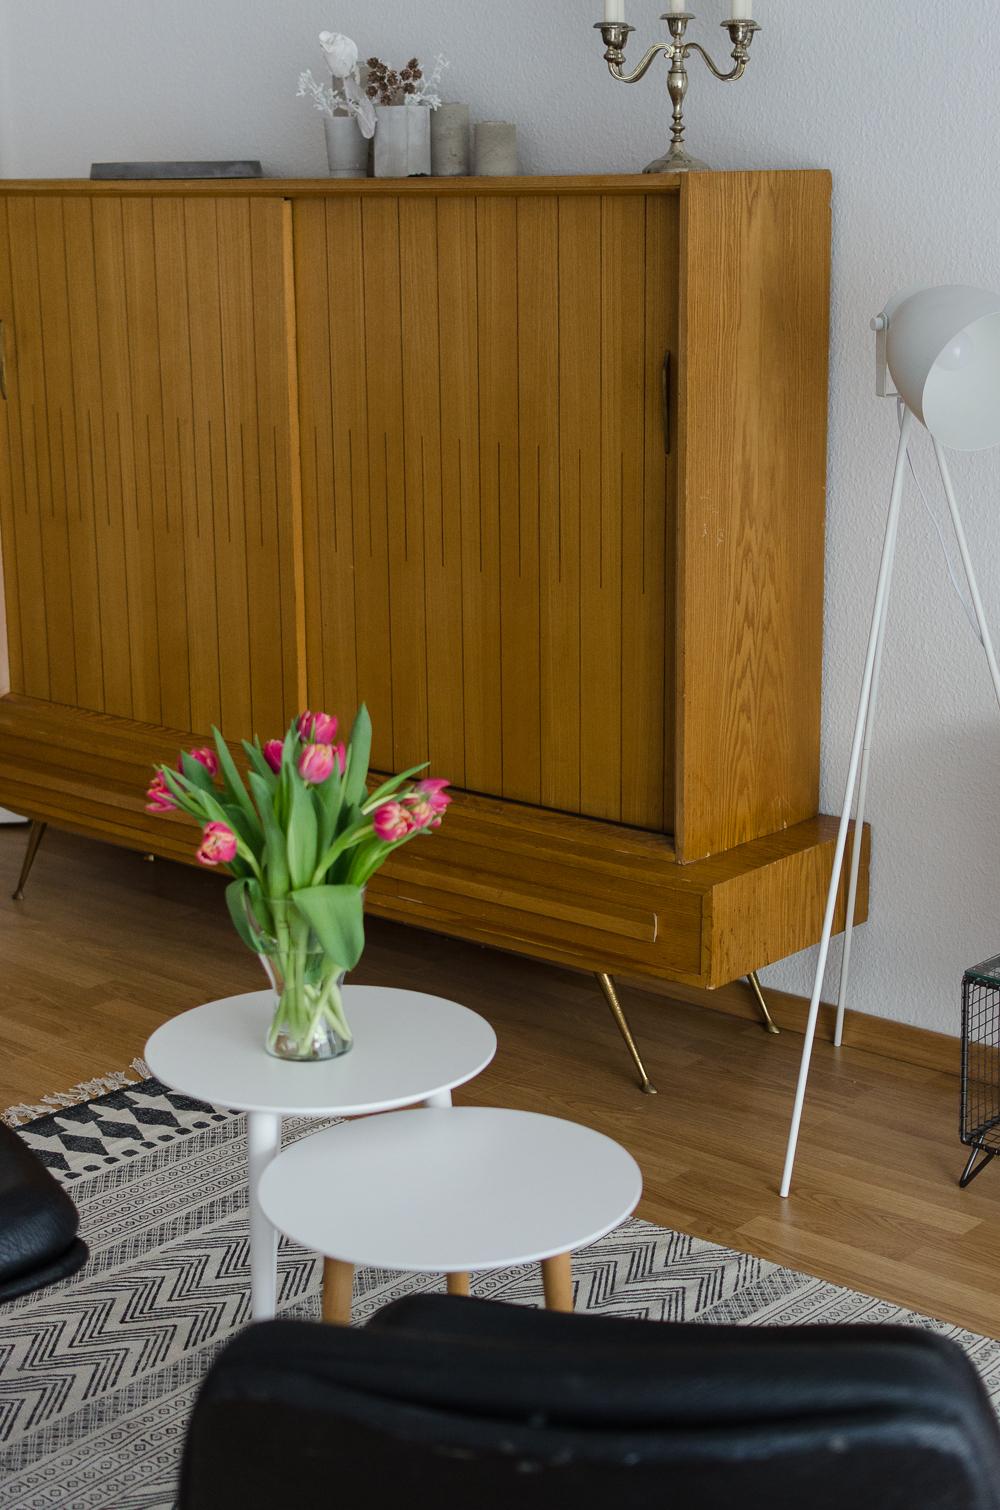 Interior Update Wohnzimmer-Tikamoon-Interior Blog-Wohnzimmer einrichten-andysparkles.de